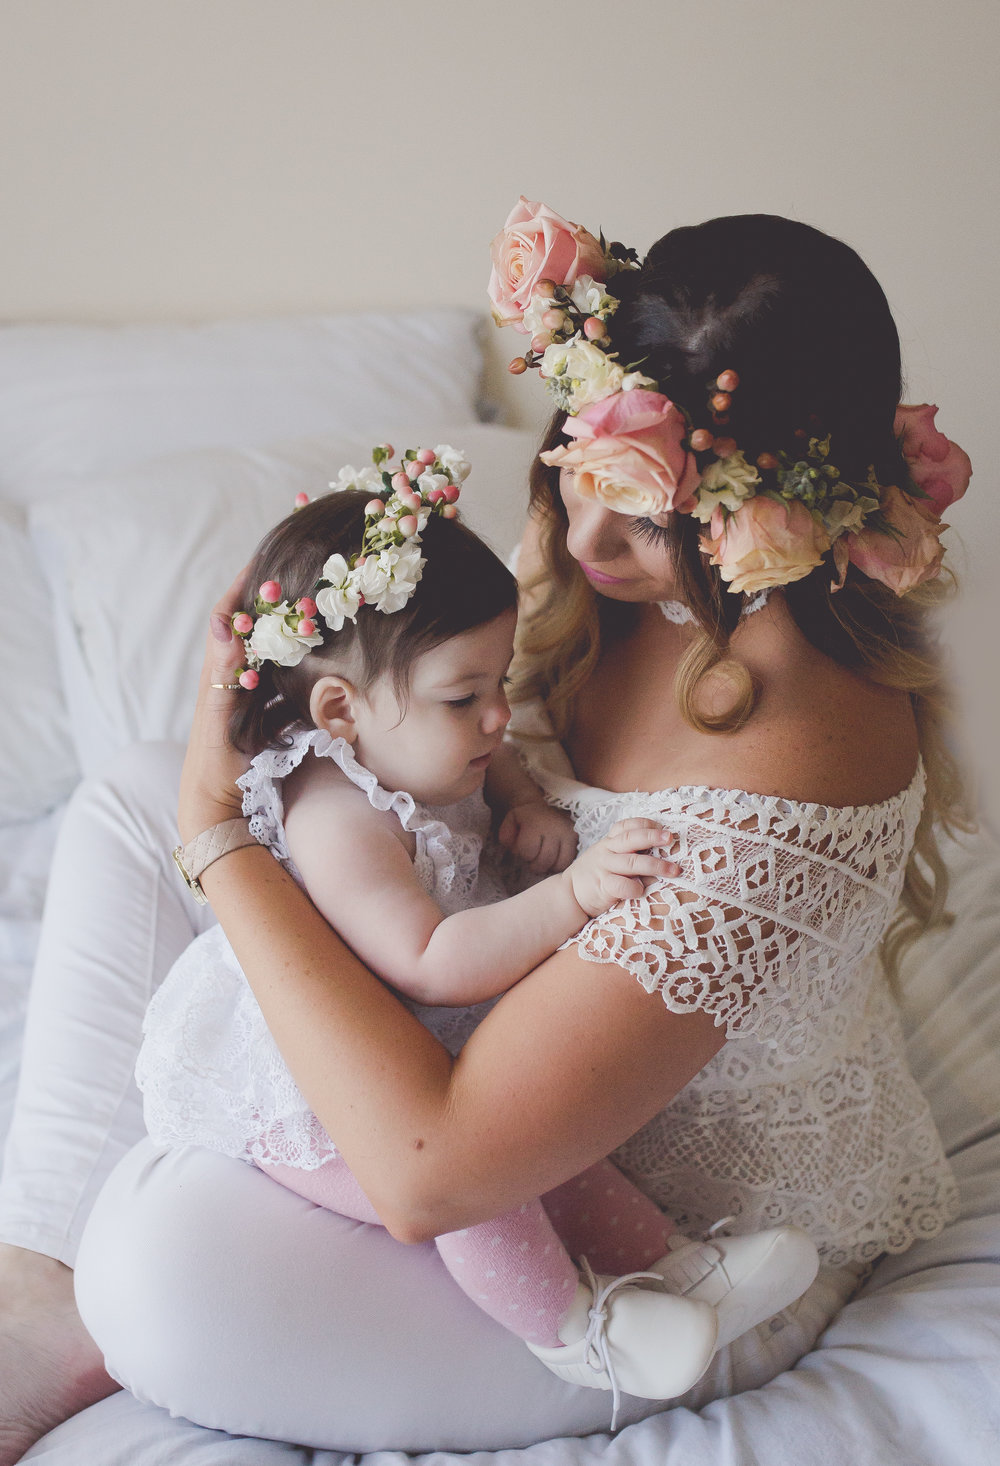 MotherhoodgroupED211-Edit.jpg